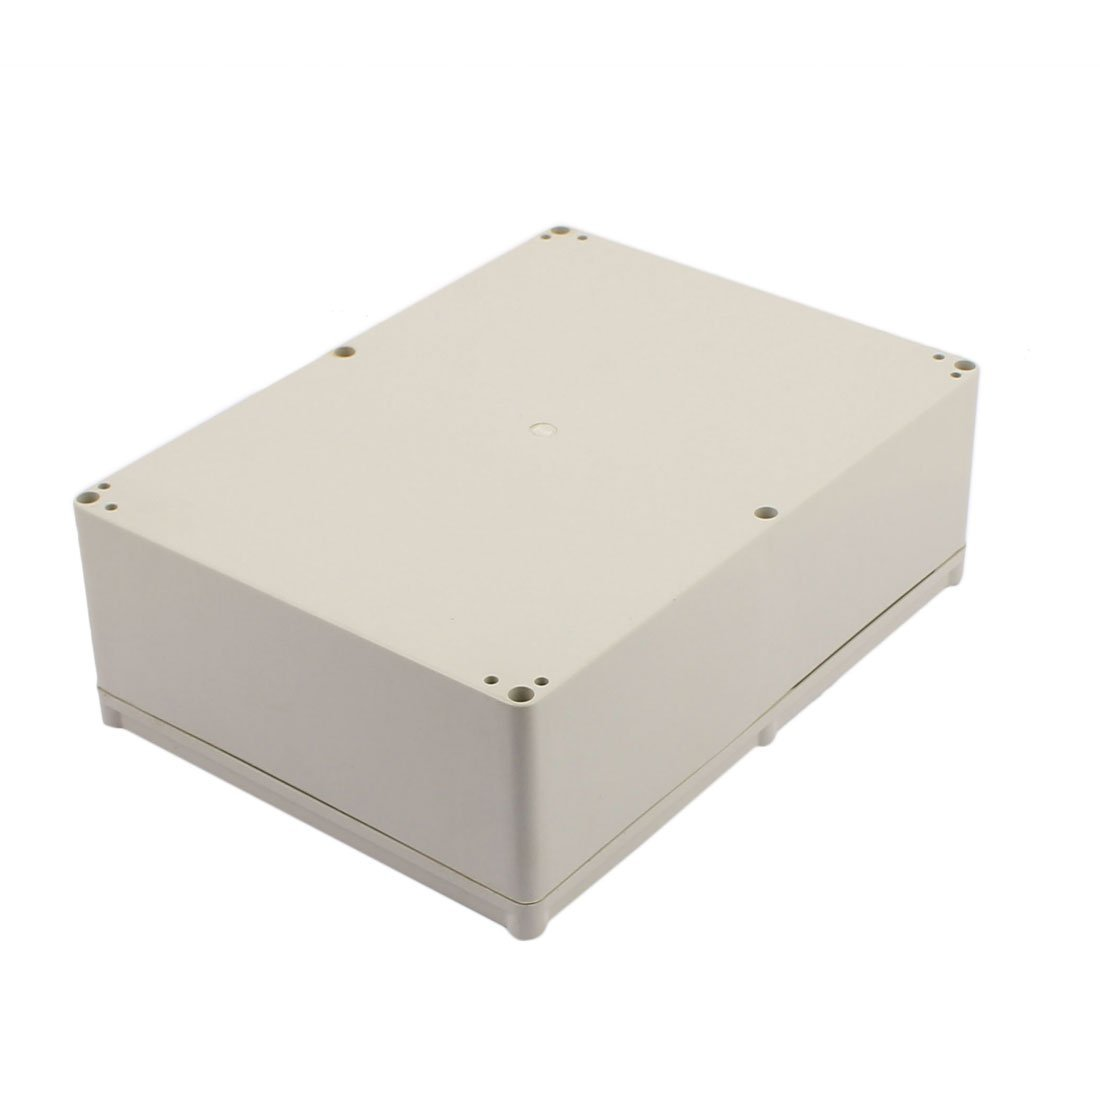 eDealMax 270 x 200 x 92 mm a prueba de agua caja de conexiones Terminal DIY Caja de conexiones del recinto: Amazon.com: Industrial & Scientific